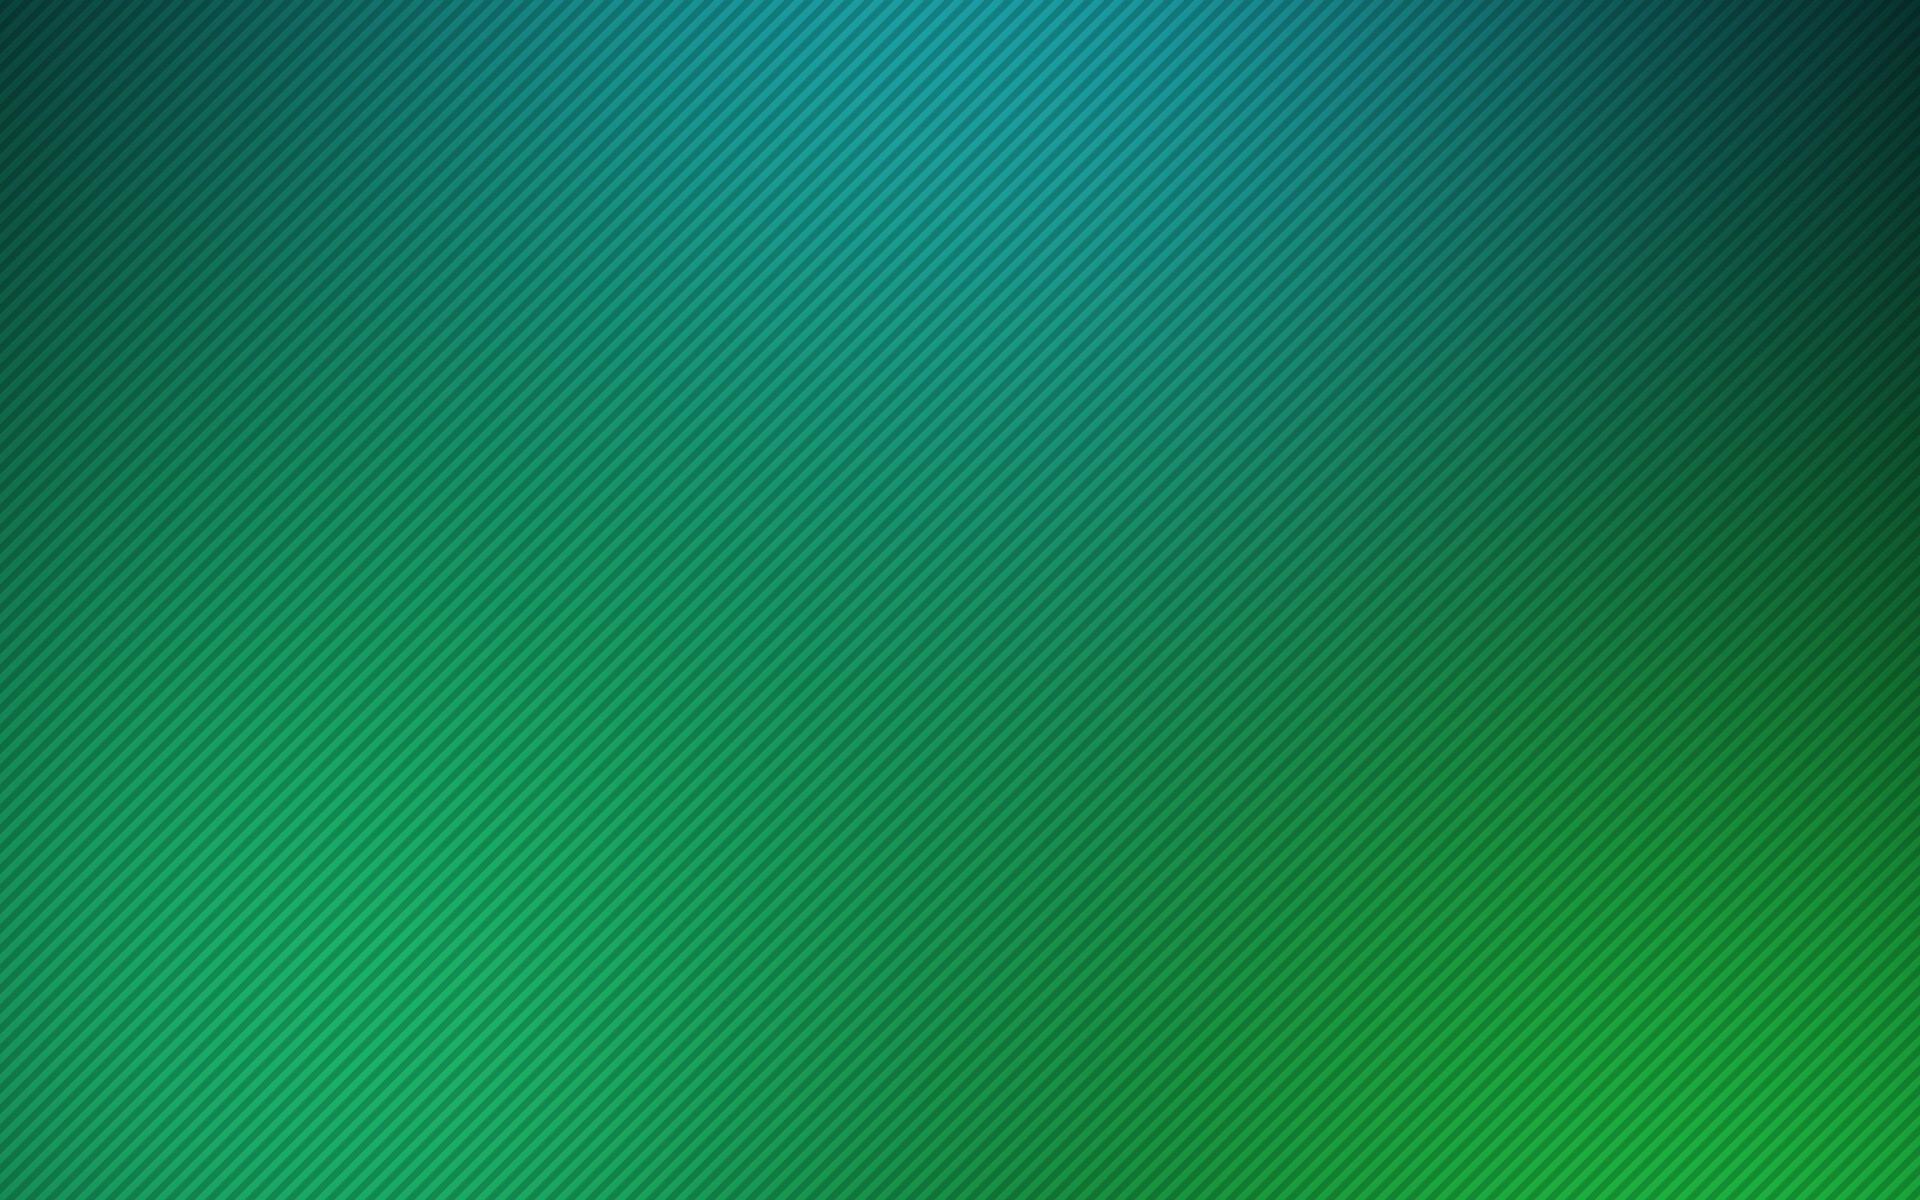 Fondos verdes para photoshop imagui - Colores verdes azulados ...